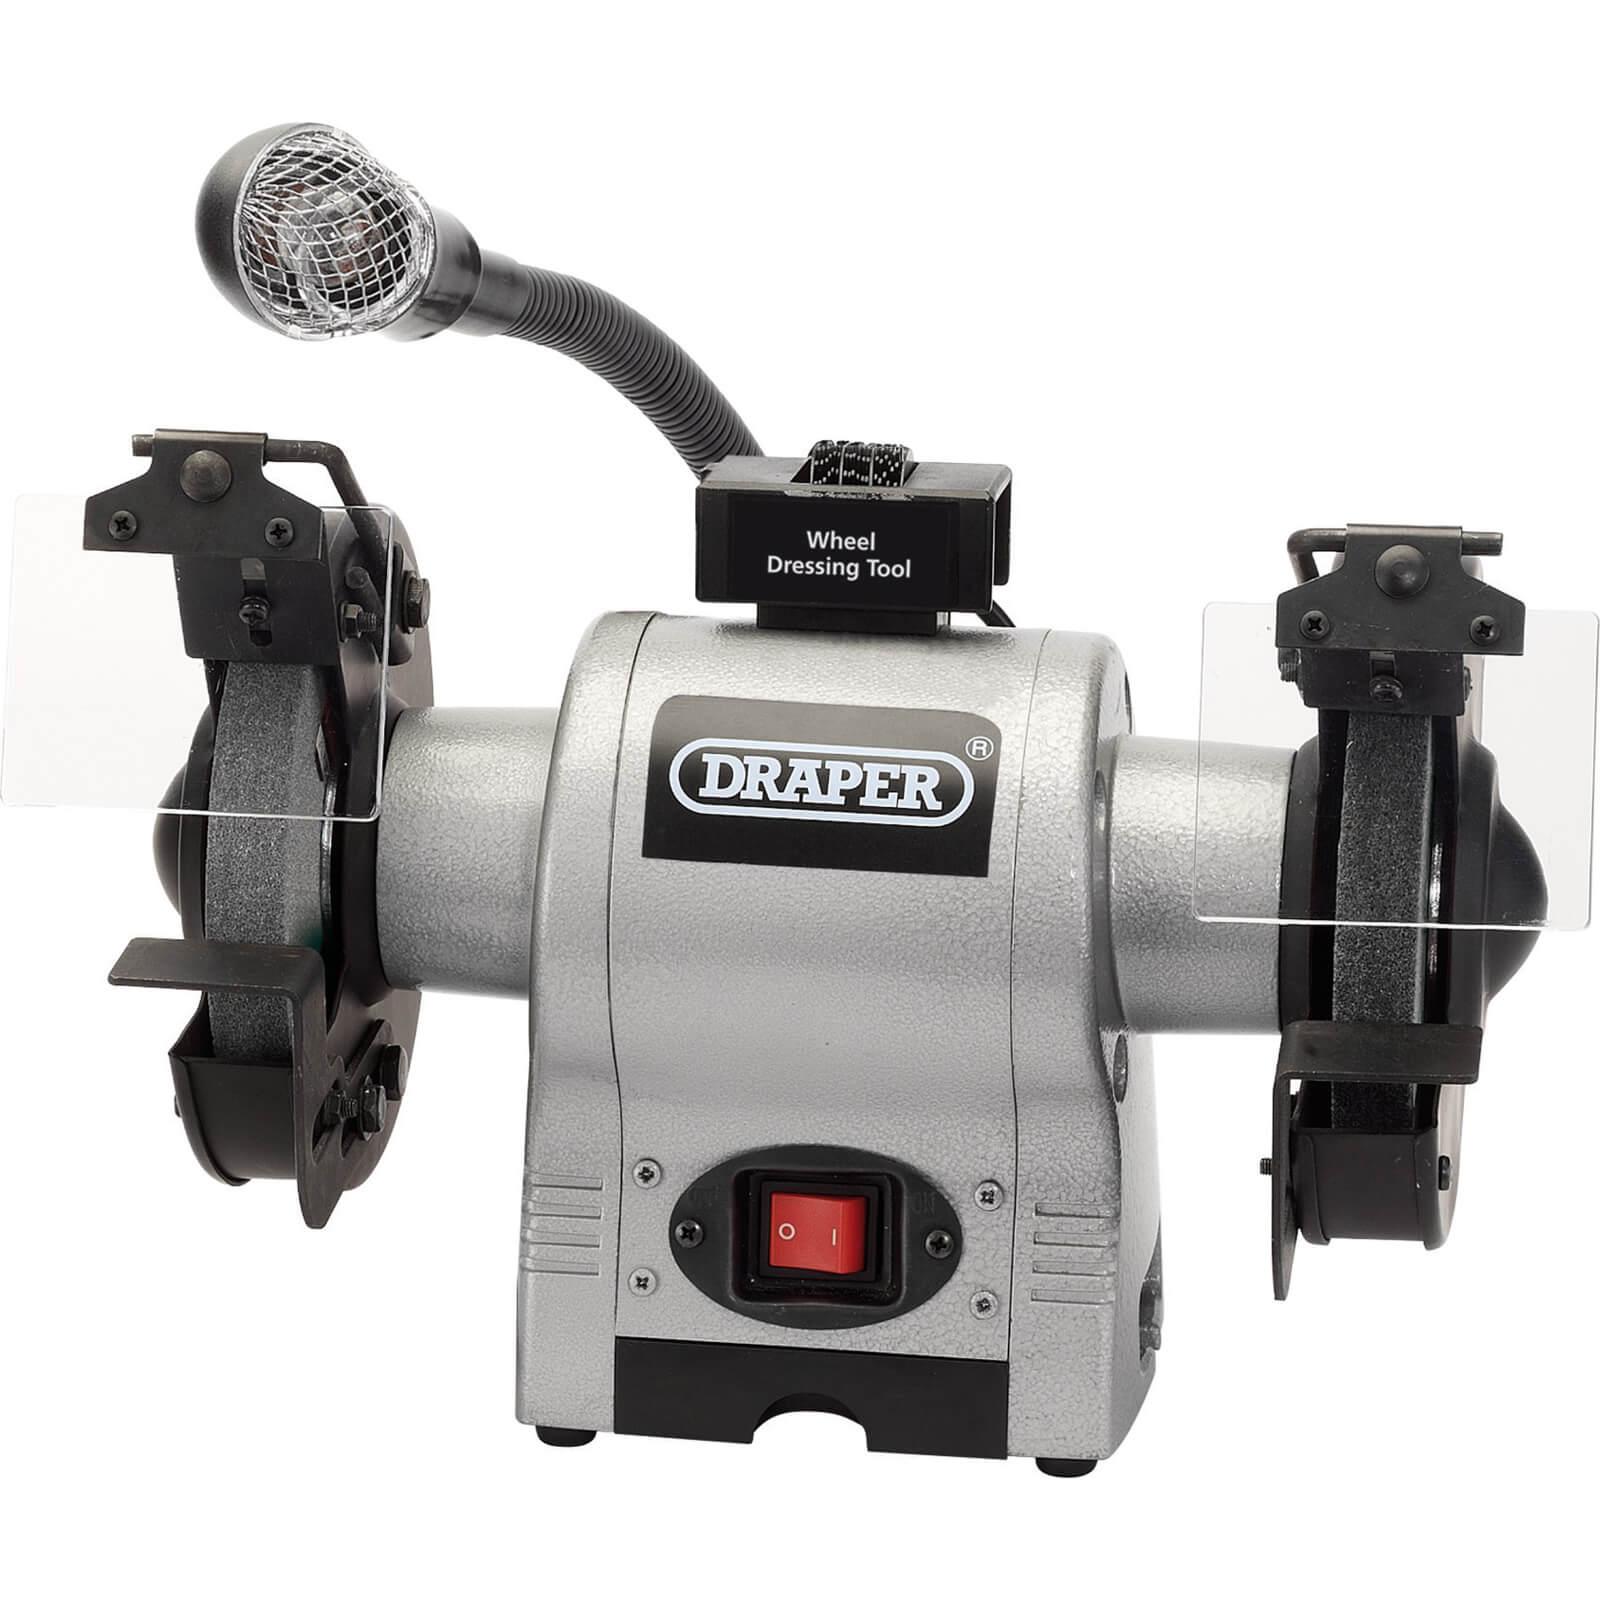 Image of Draper GD625L Bench Grinder150mm 240v